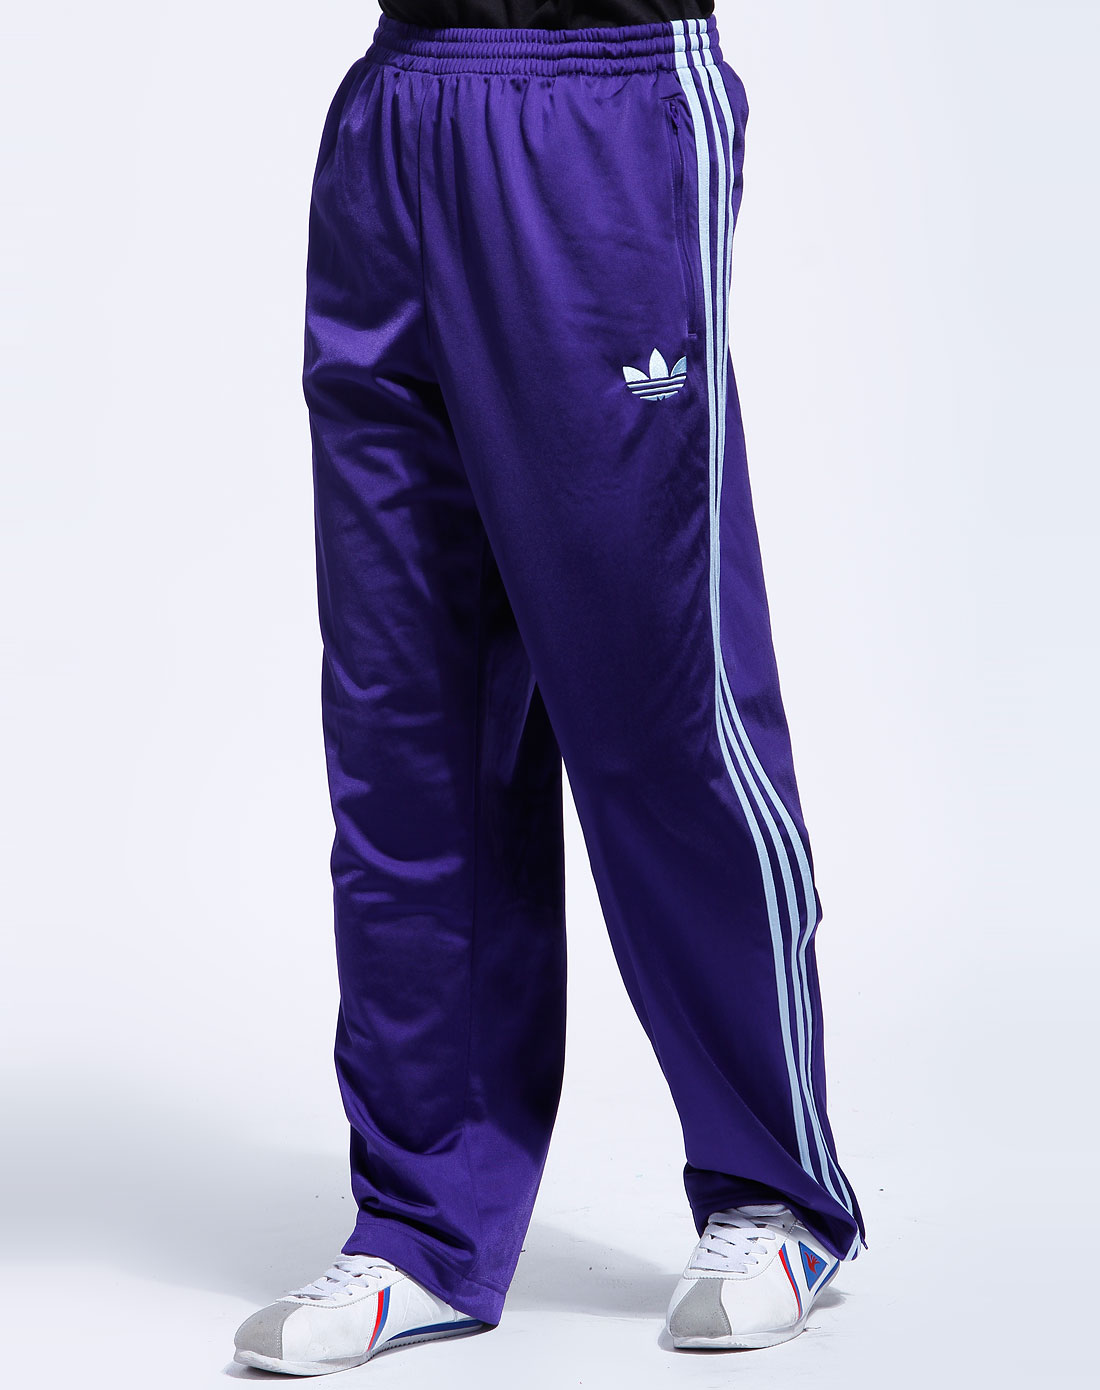 阿迪达斯adidas-男装专场-三叶草 男款紫色经典运动长裤